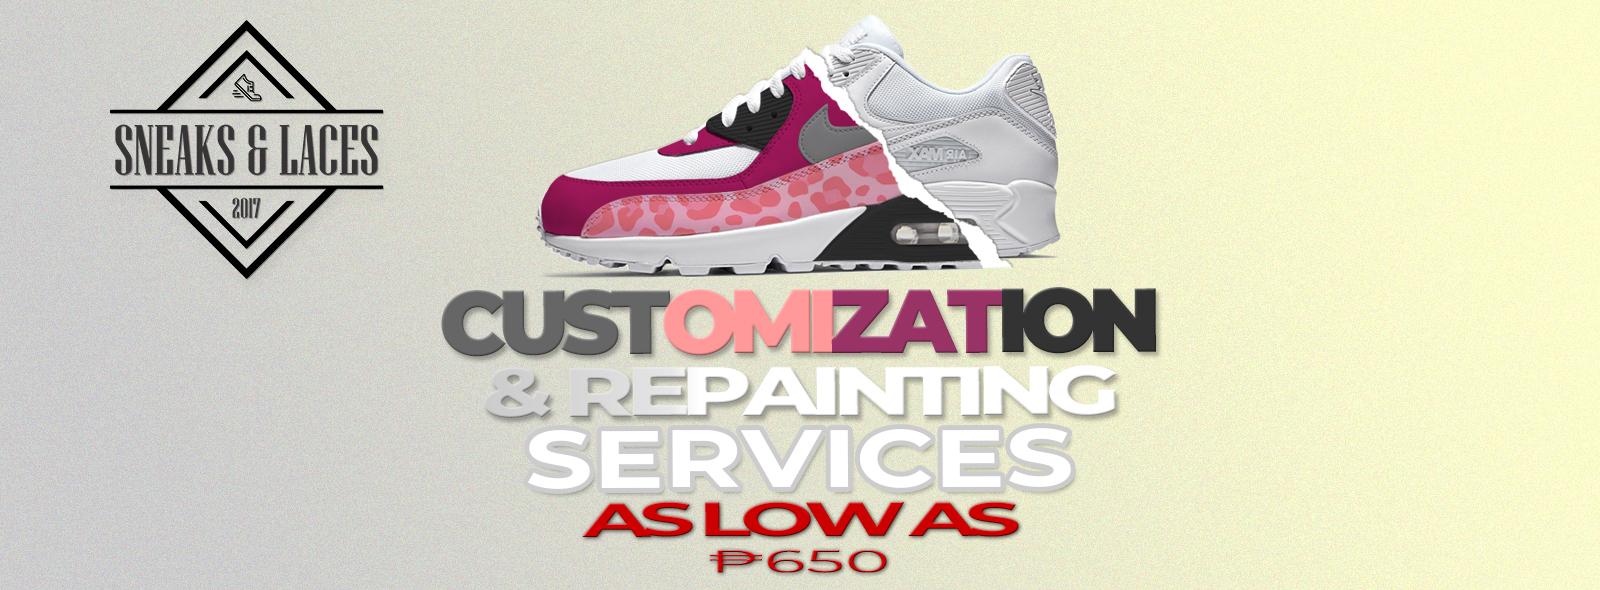 customization-banner